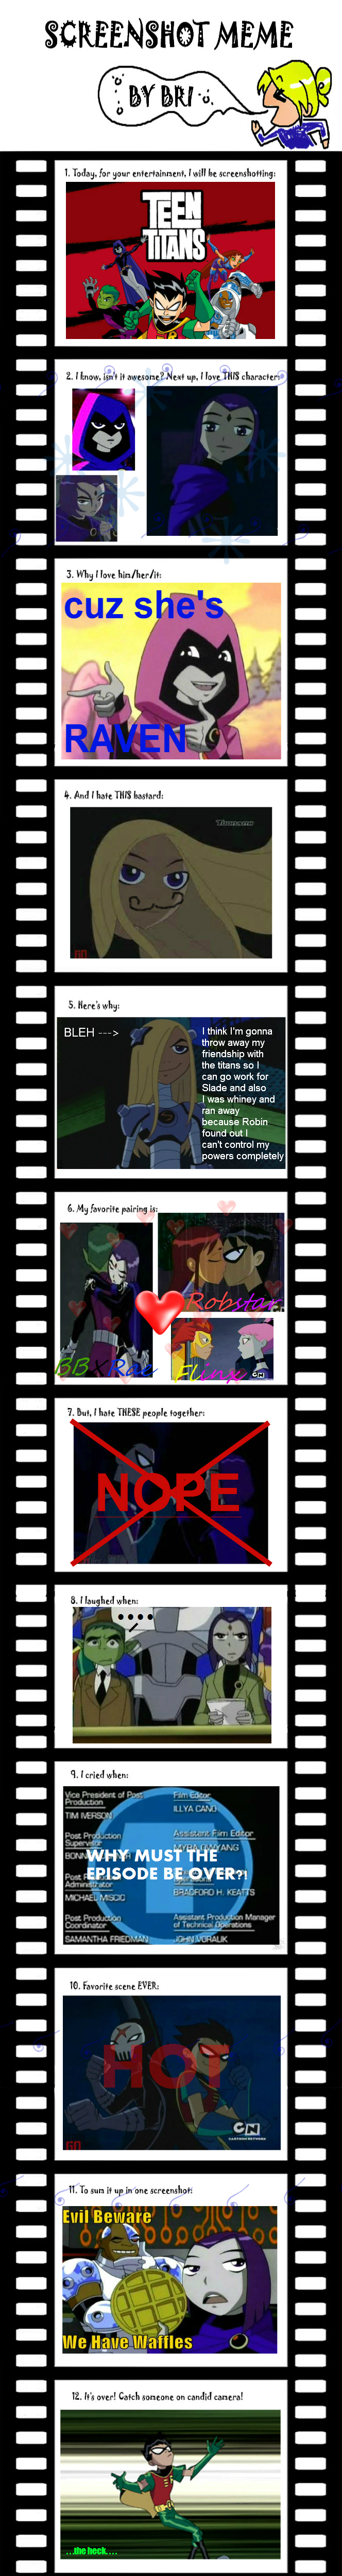 Teen Titans Screenshot meme :D by SierraFaith